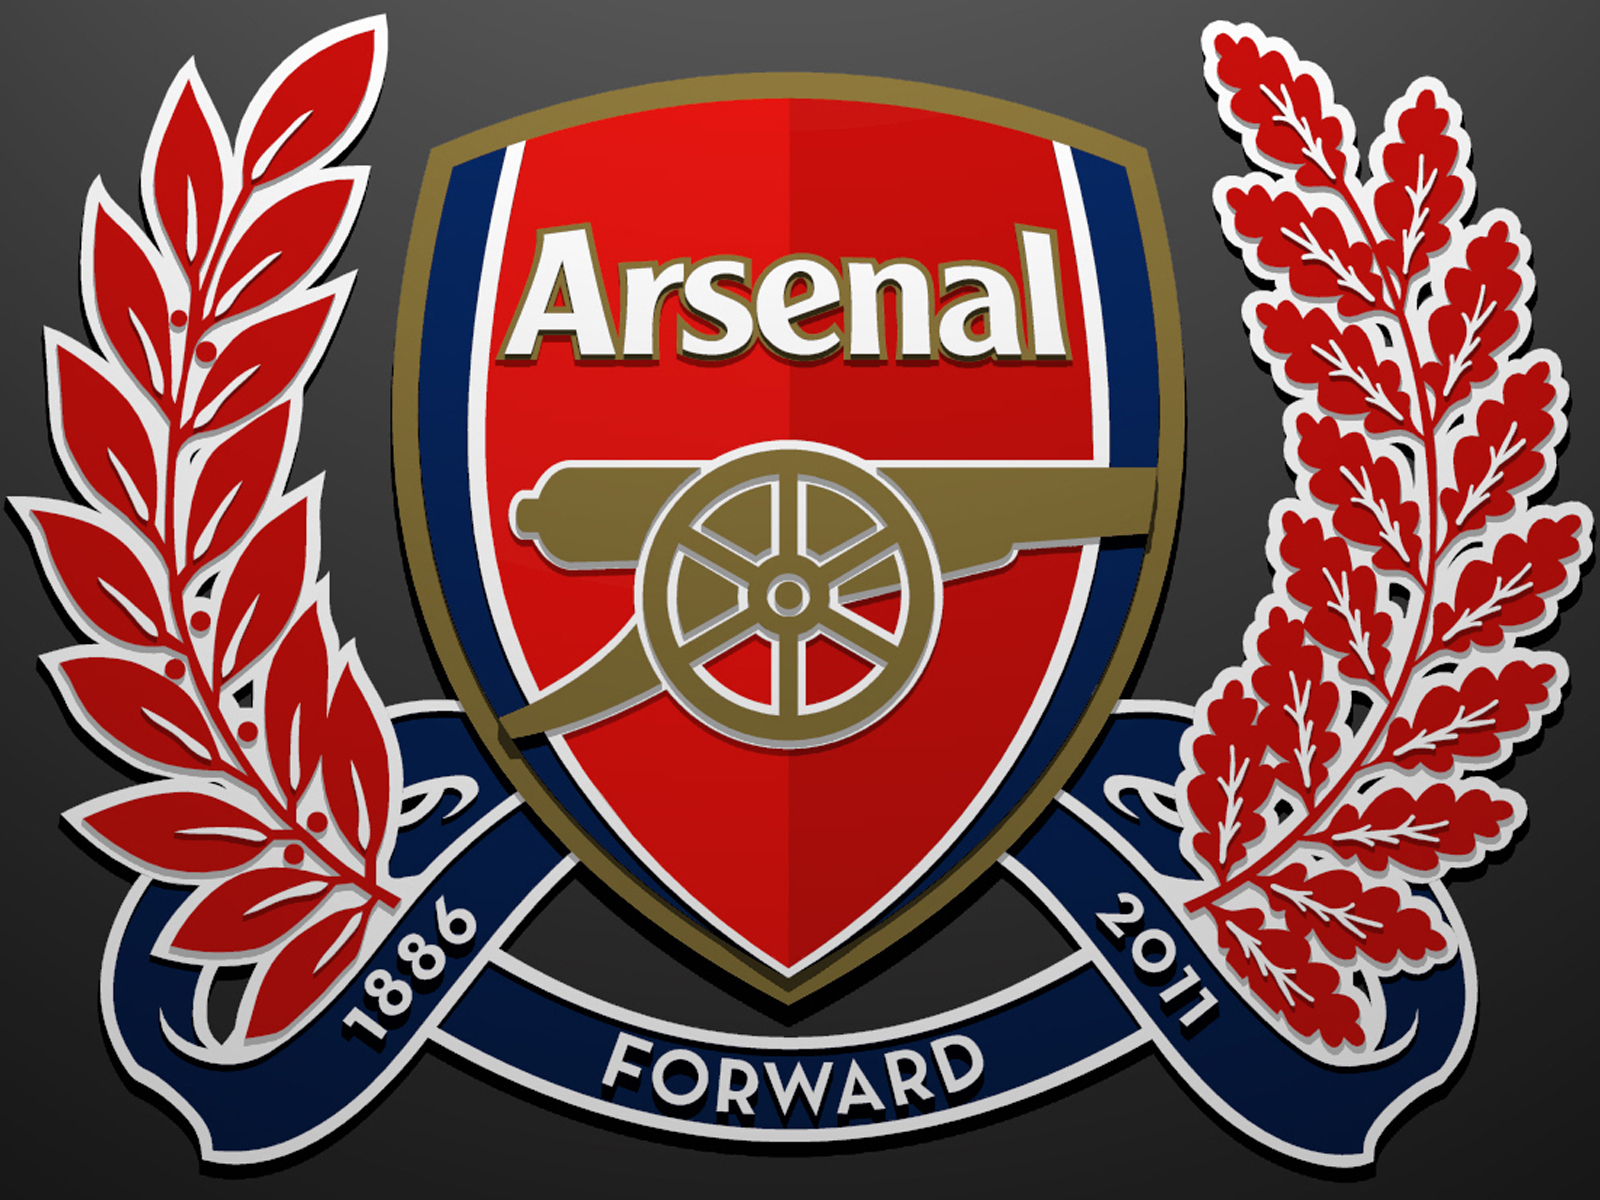 Arsenal F.C. Premier League Predictions - File Exchange - MATLAB ...